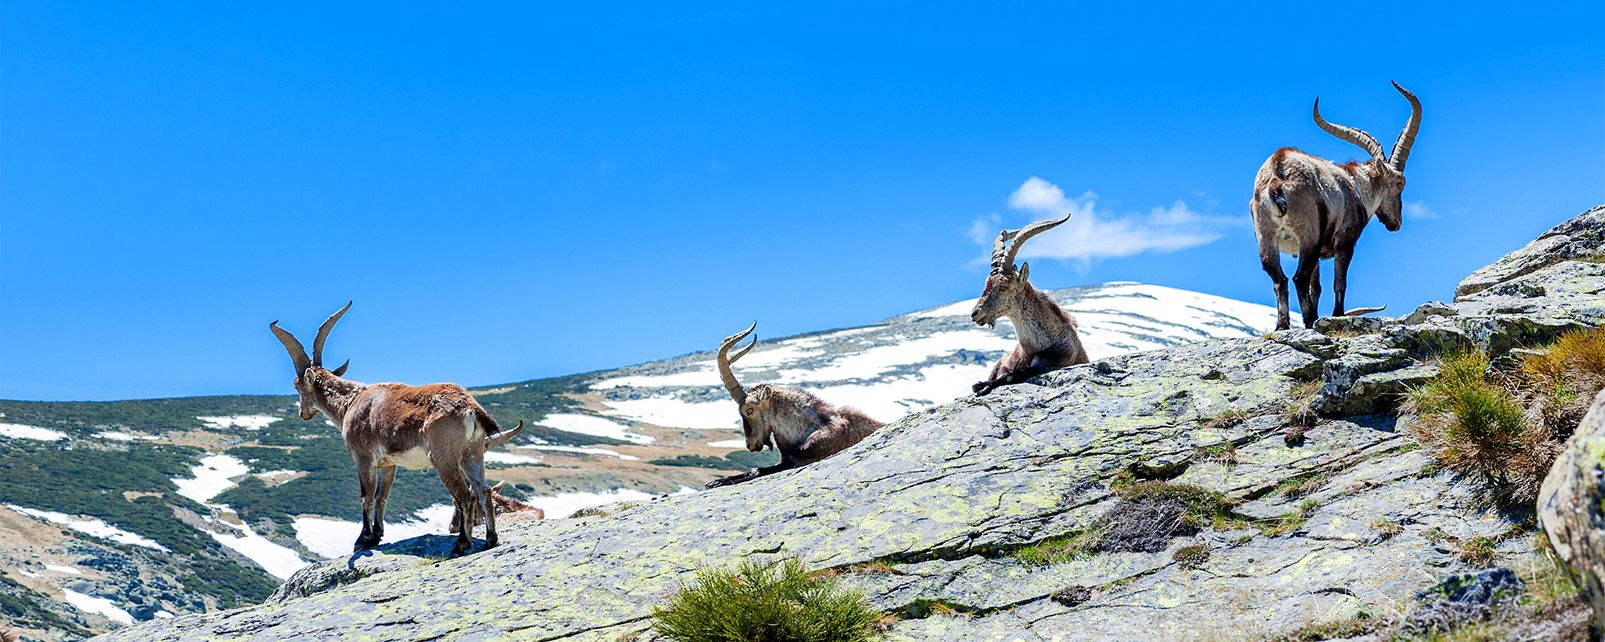 Il Parco naturale di Chera-Sot di Chera, Il Parco Naturale di Chera-Sot de Chera, I paesaggi e le attività, Comunità valenzana